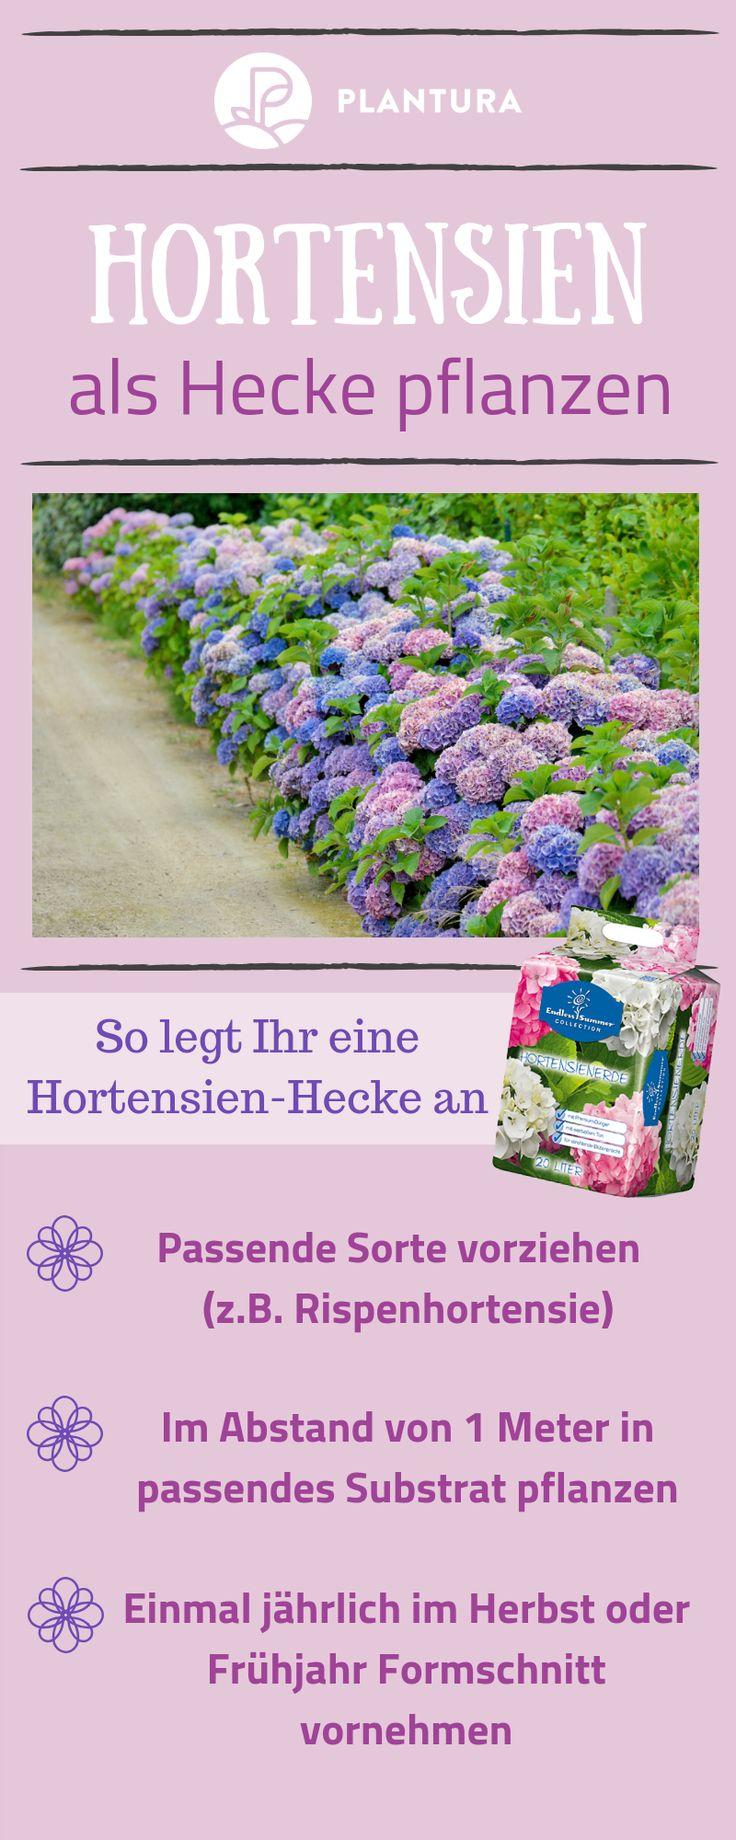 Hortensien pflanzen: Standort, Umpflanzen & Begleitpflanzen